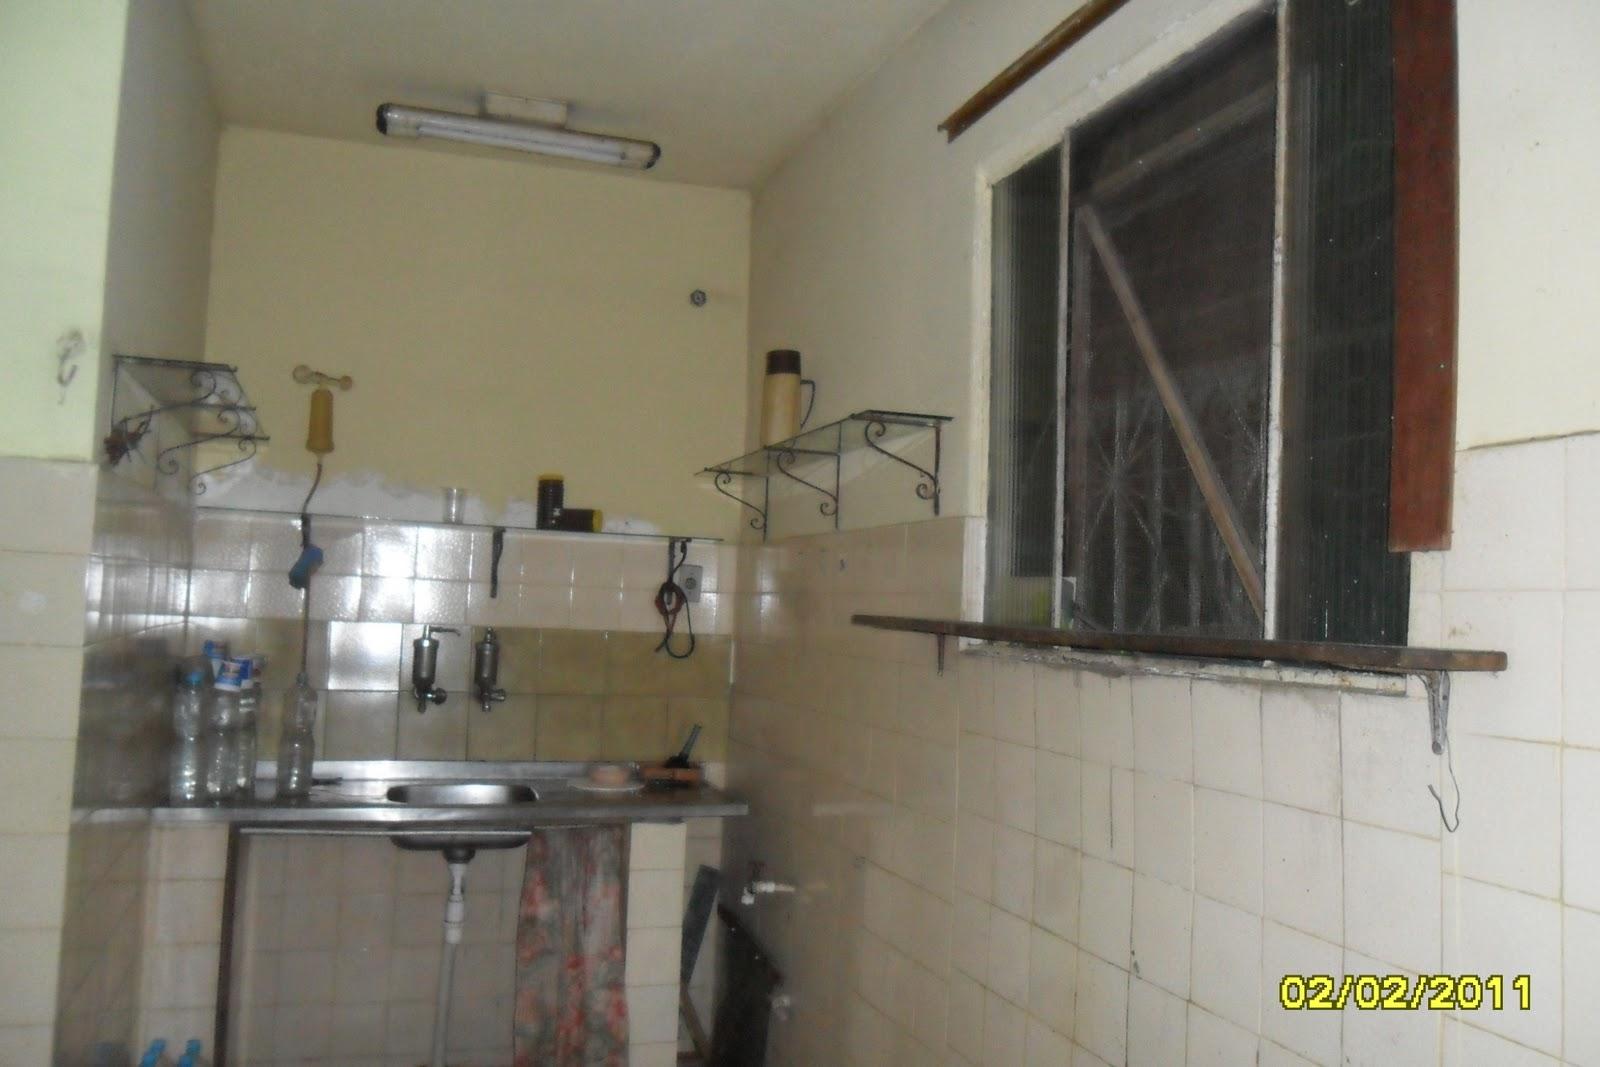 nossa casa nosso estilo: o antes e depois da cozinha #9D9E2D 1600 1067